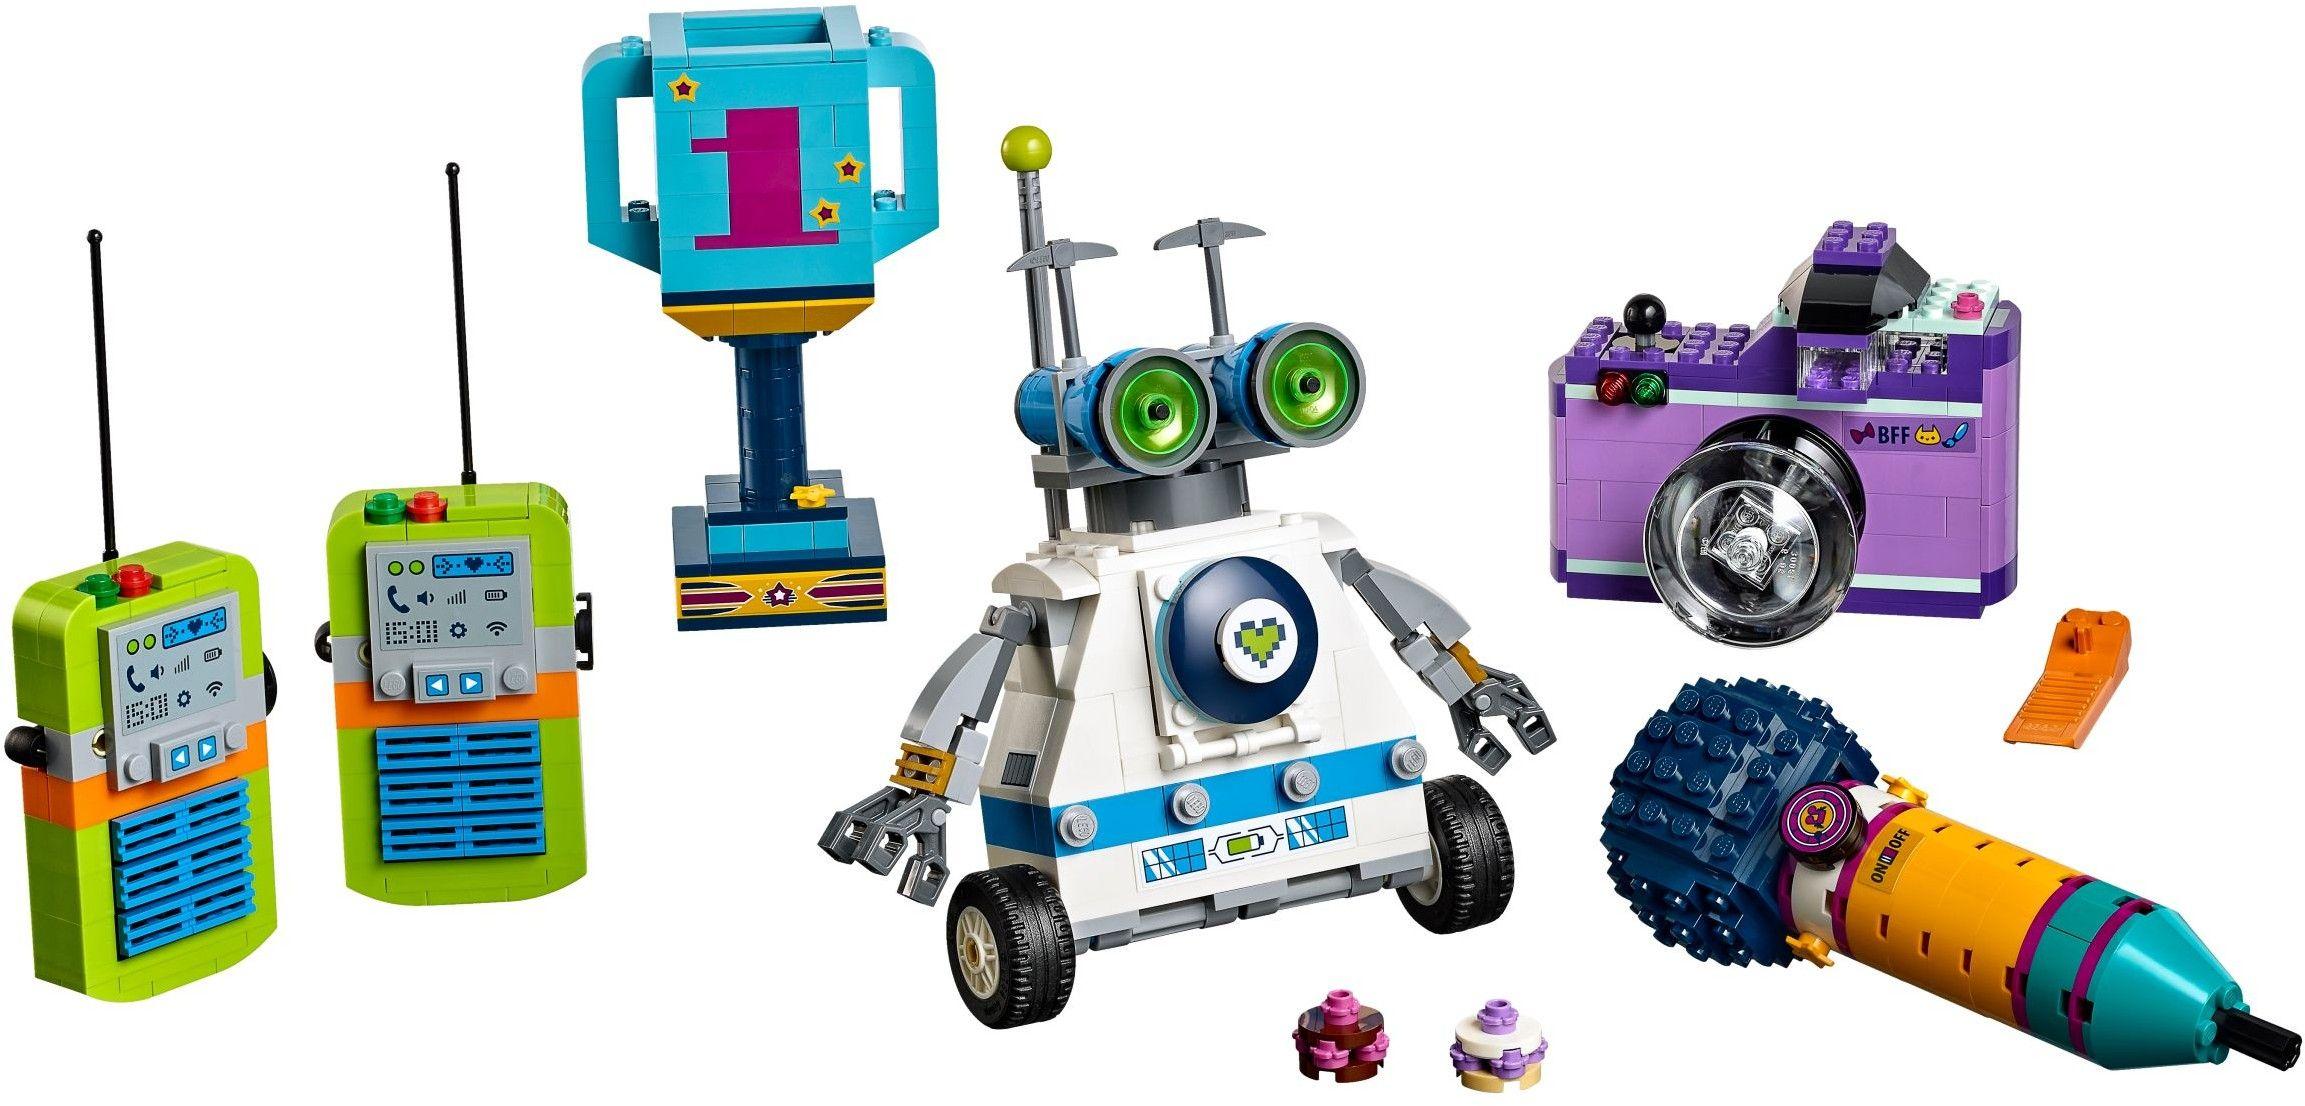 (2018) 41346 Friendship Box Lego friends sets, Lego